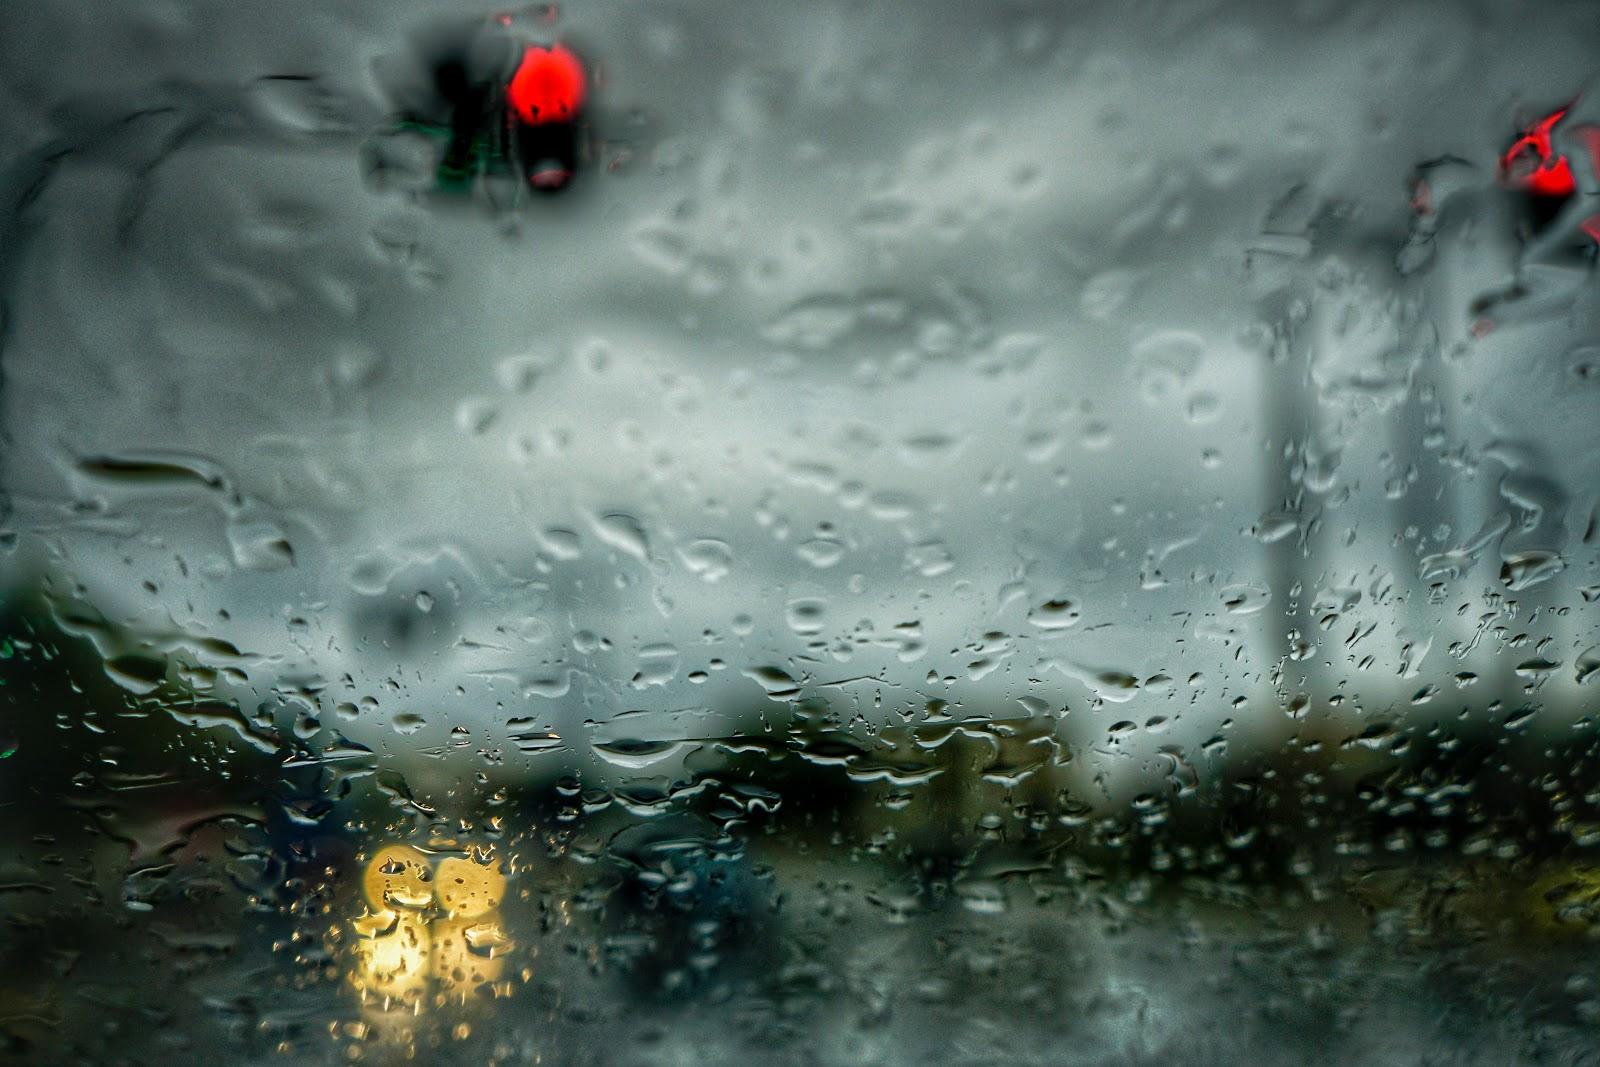 Τι καιρό θα κάνει σήμερα Τρίτη 25 Αυγούστου. Αναλυτικά η πρόγνωση του καιρού.